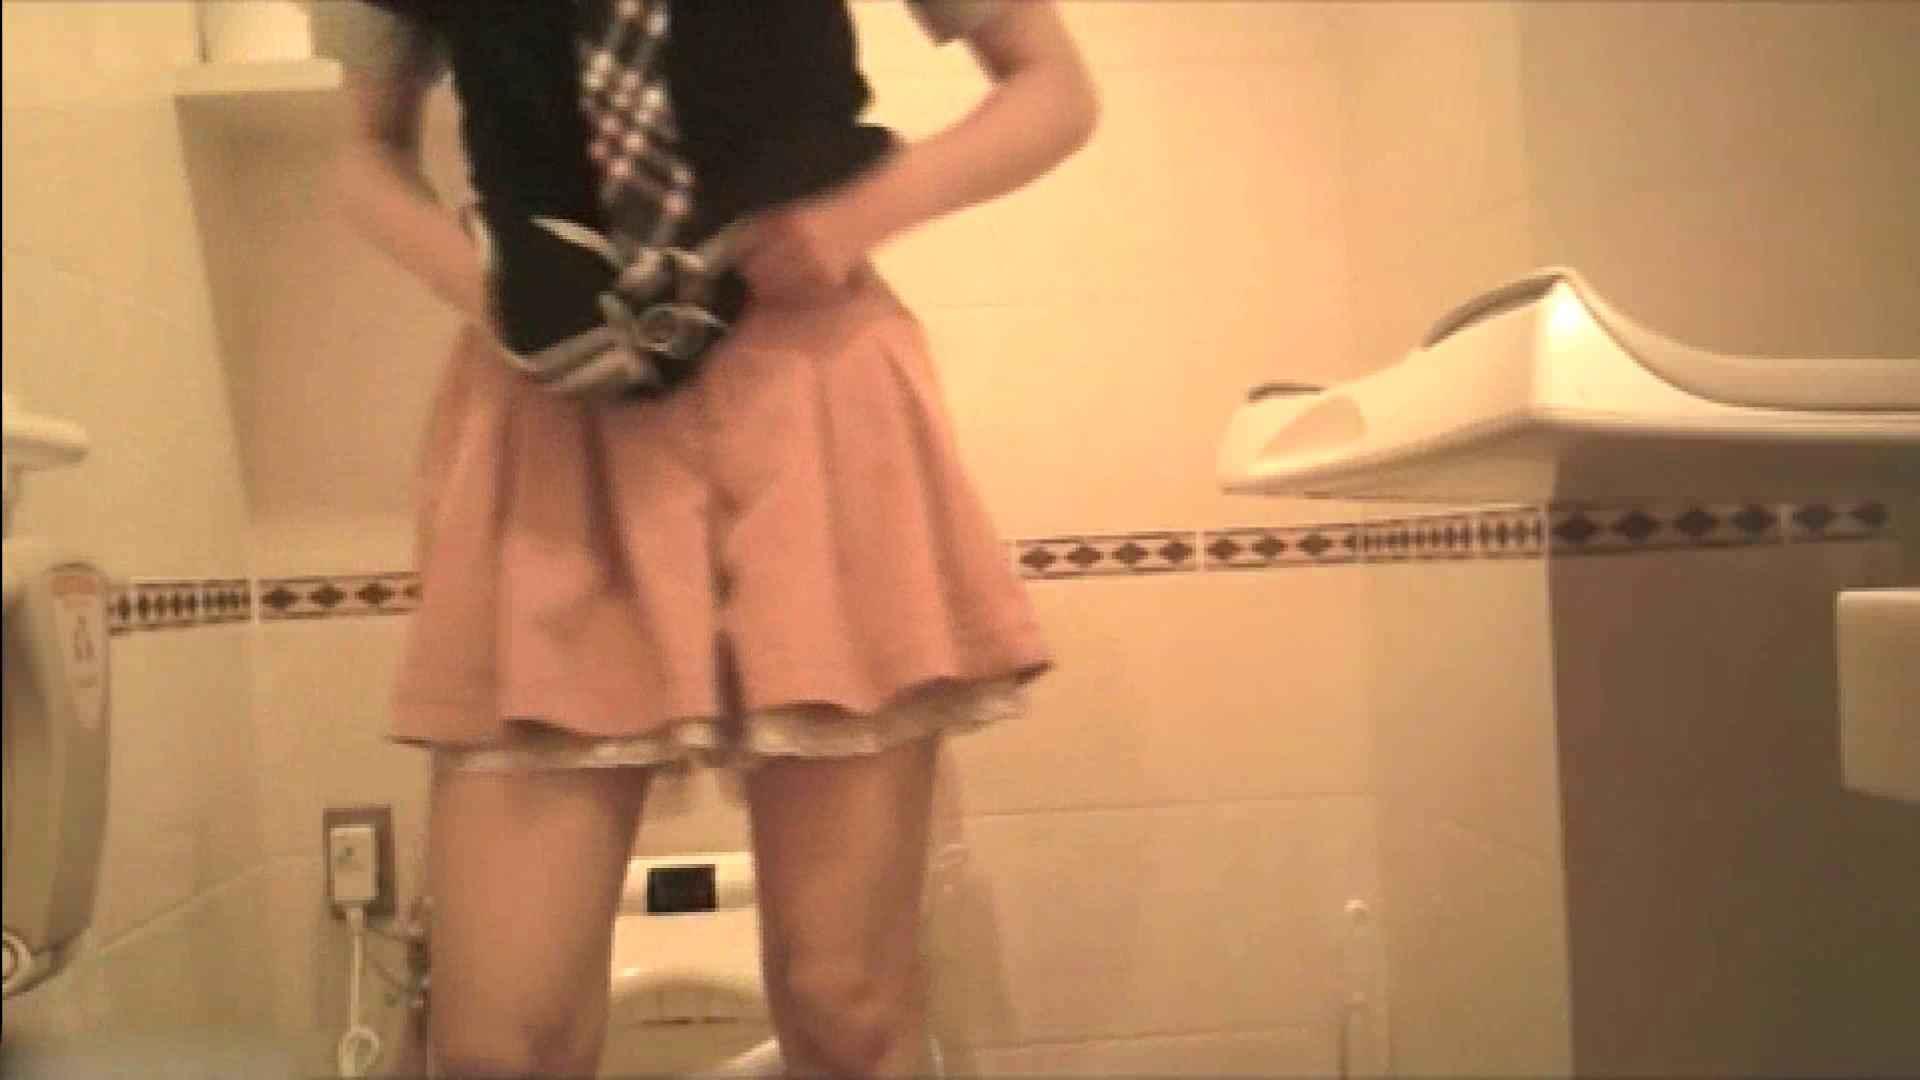 実録!!綺麗なお姉さんのトイレ事情・・・。vol.19 OLの実態 | パンツ大放出  33pic 1